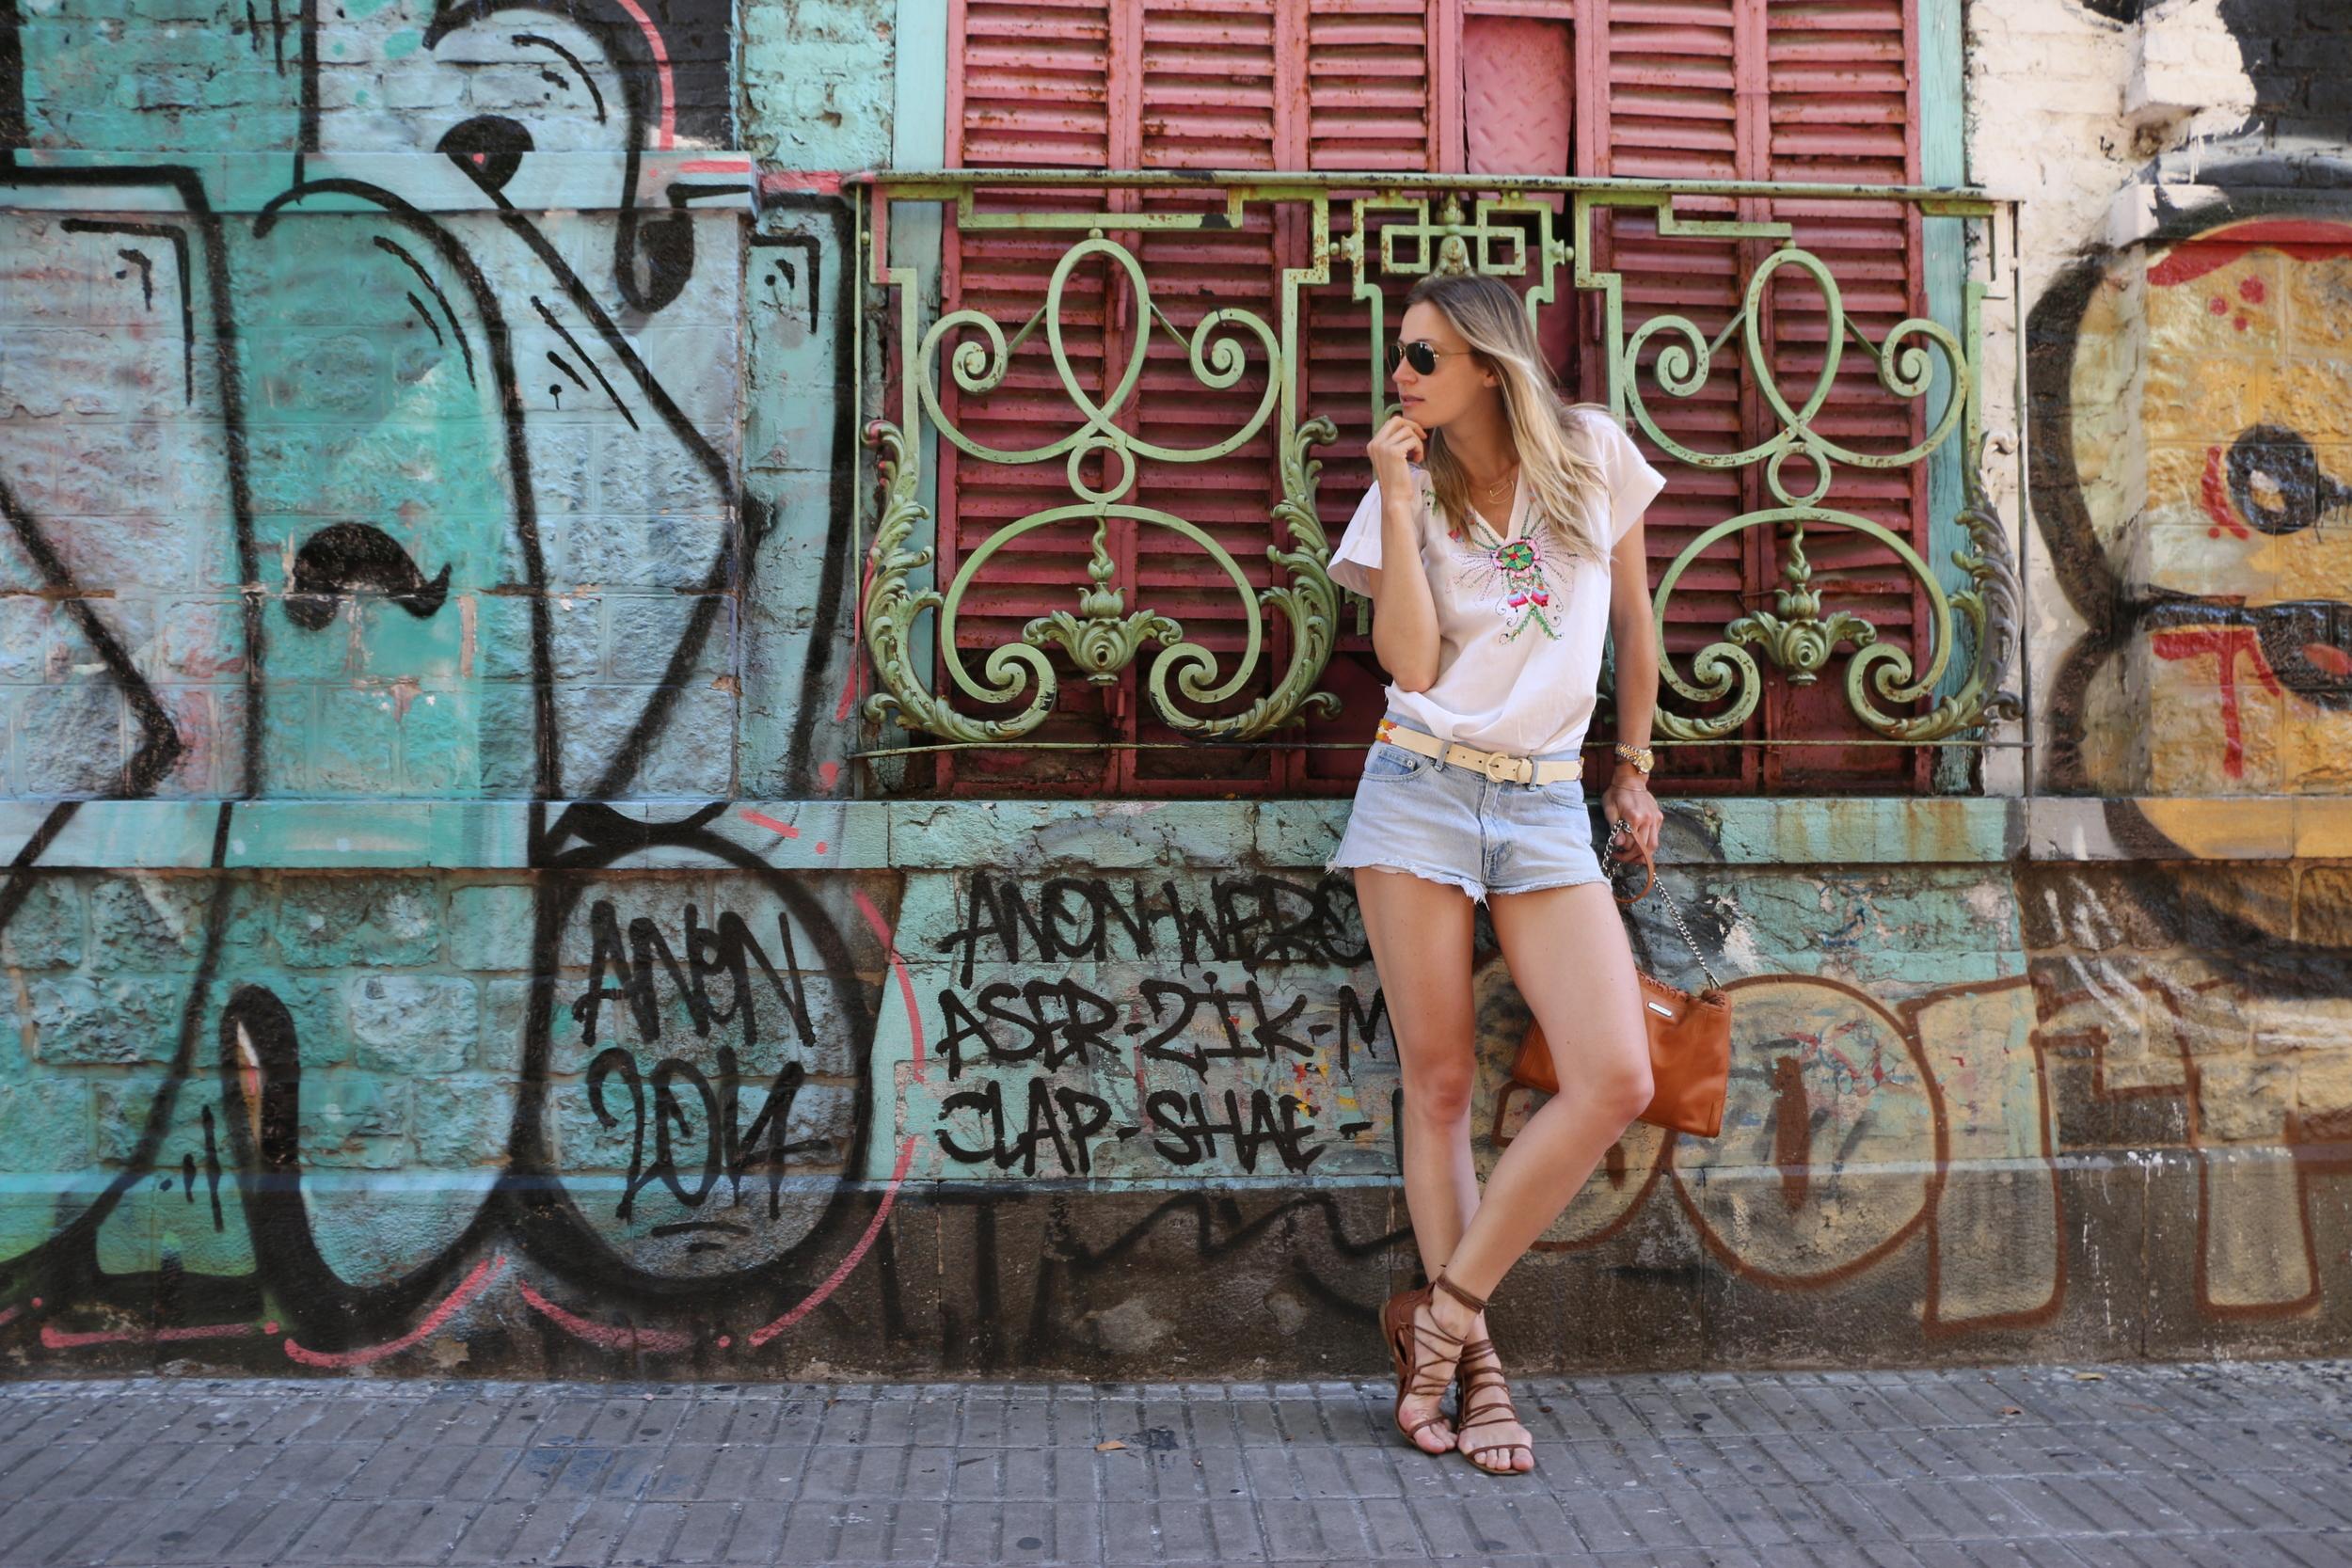 Wandering around Palermo